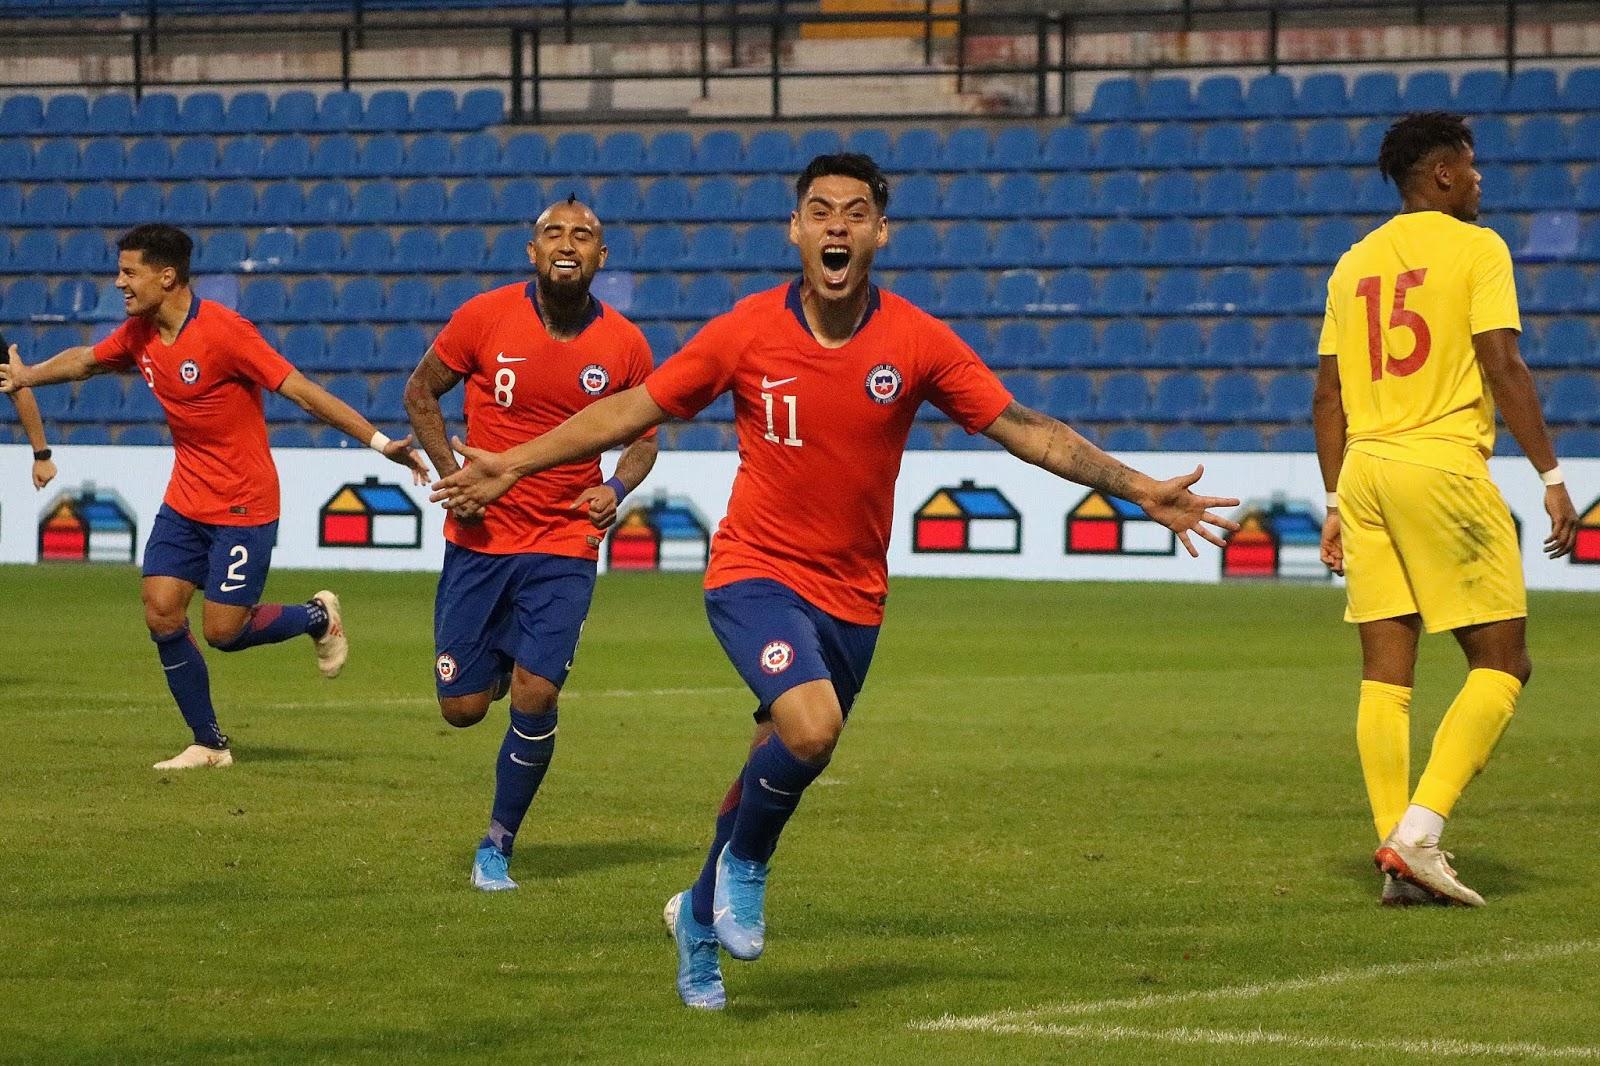 Guinea y Chile en partido amistoso, 15 de octubre de 2019